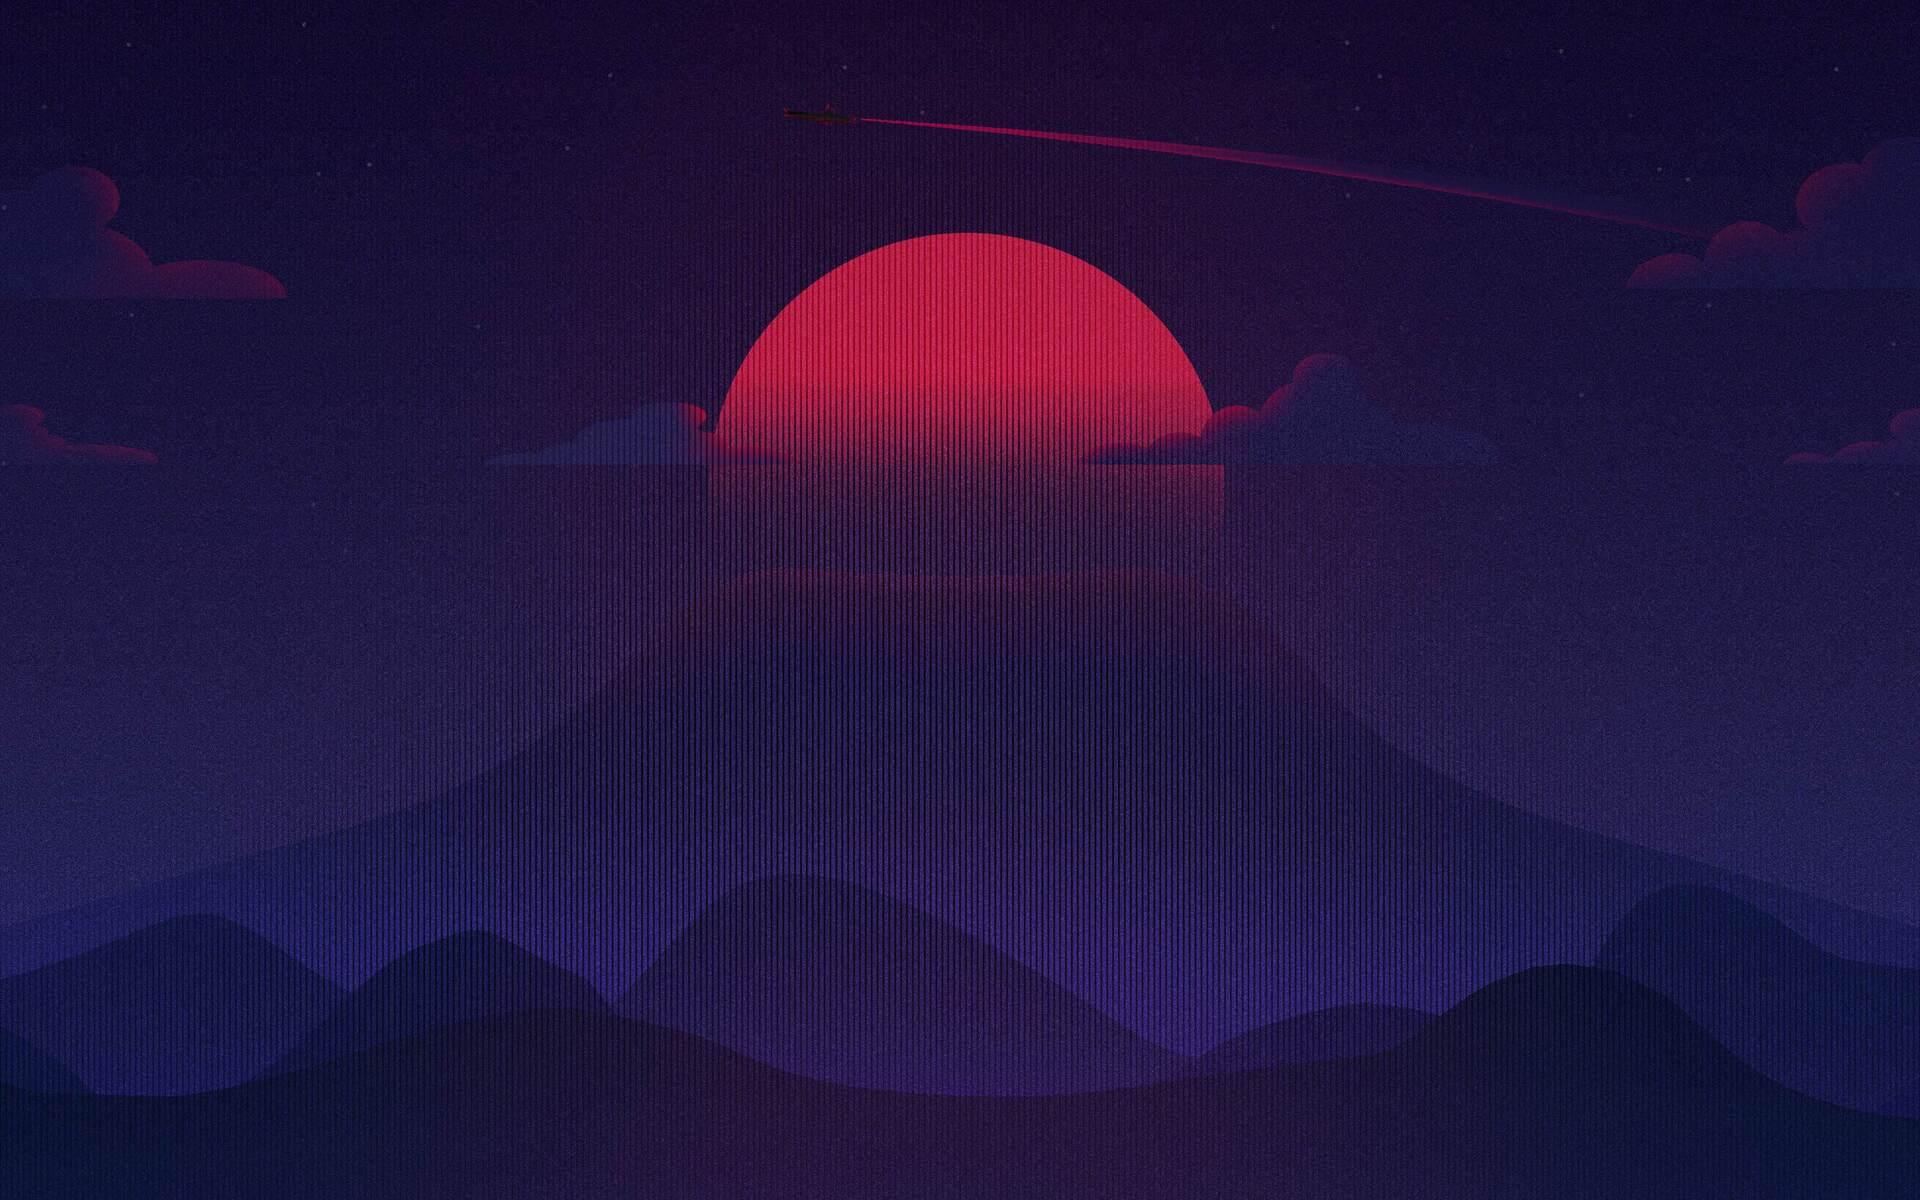 8-bit-sunrise-mountains-artwork-4k-fg.jpg